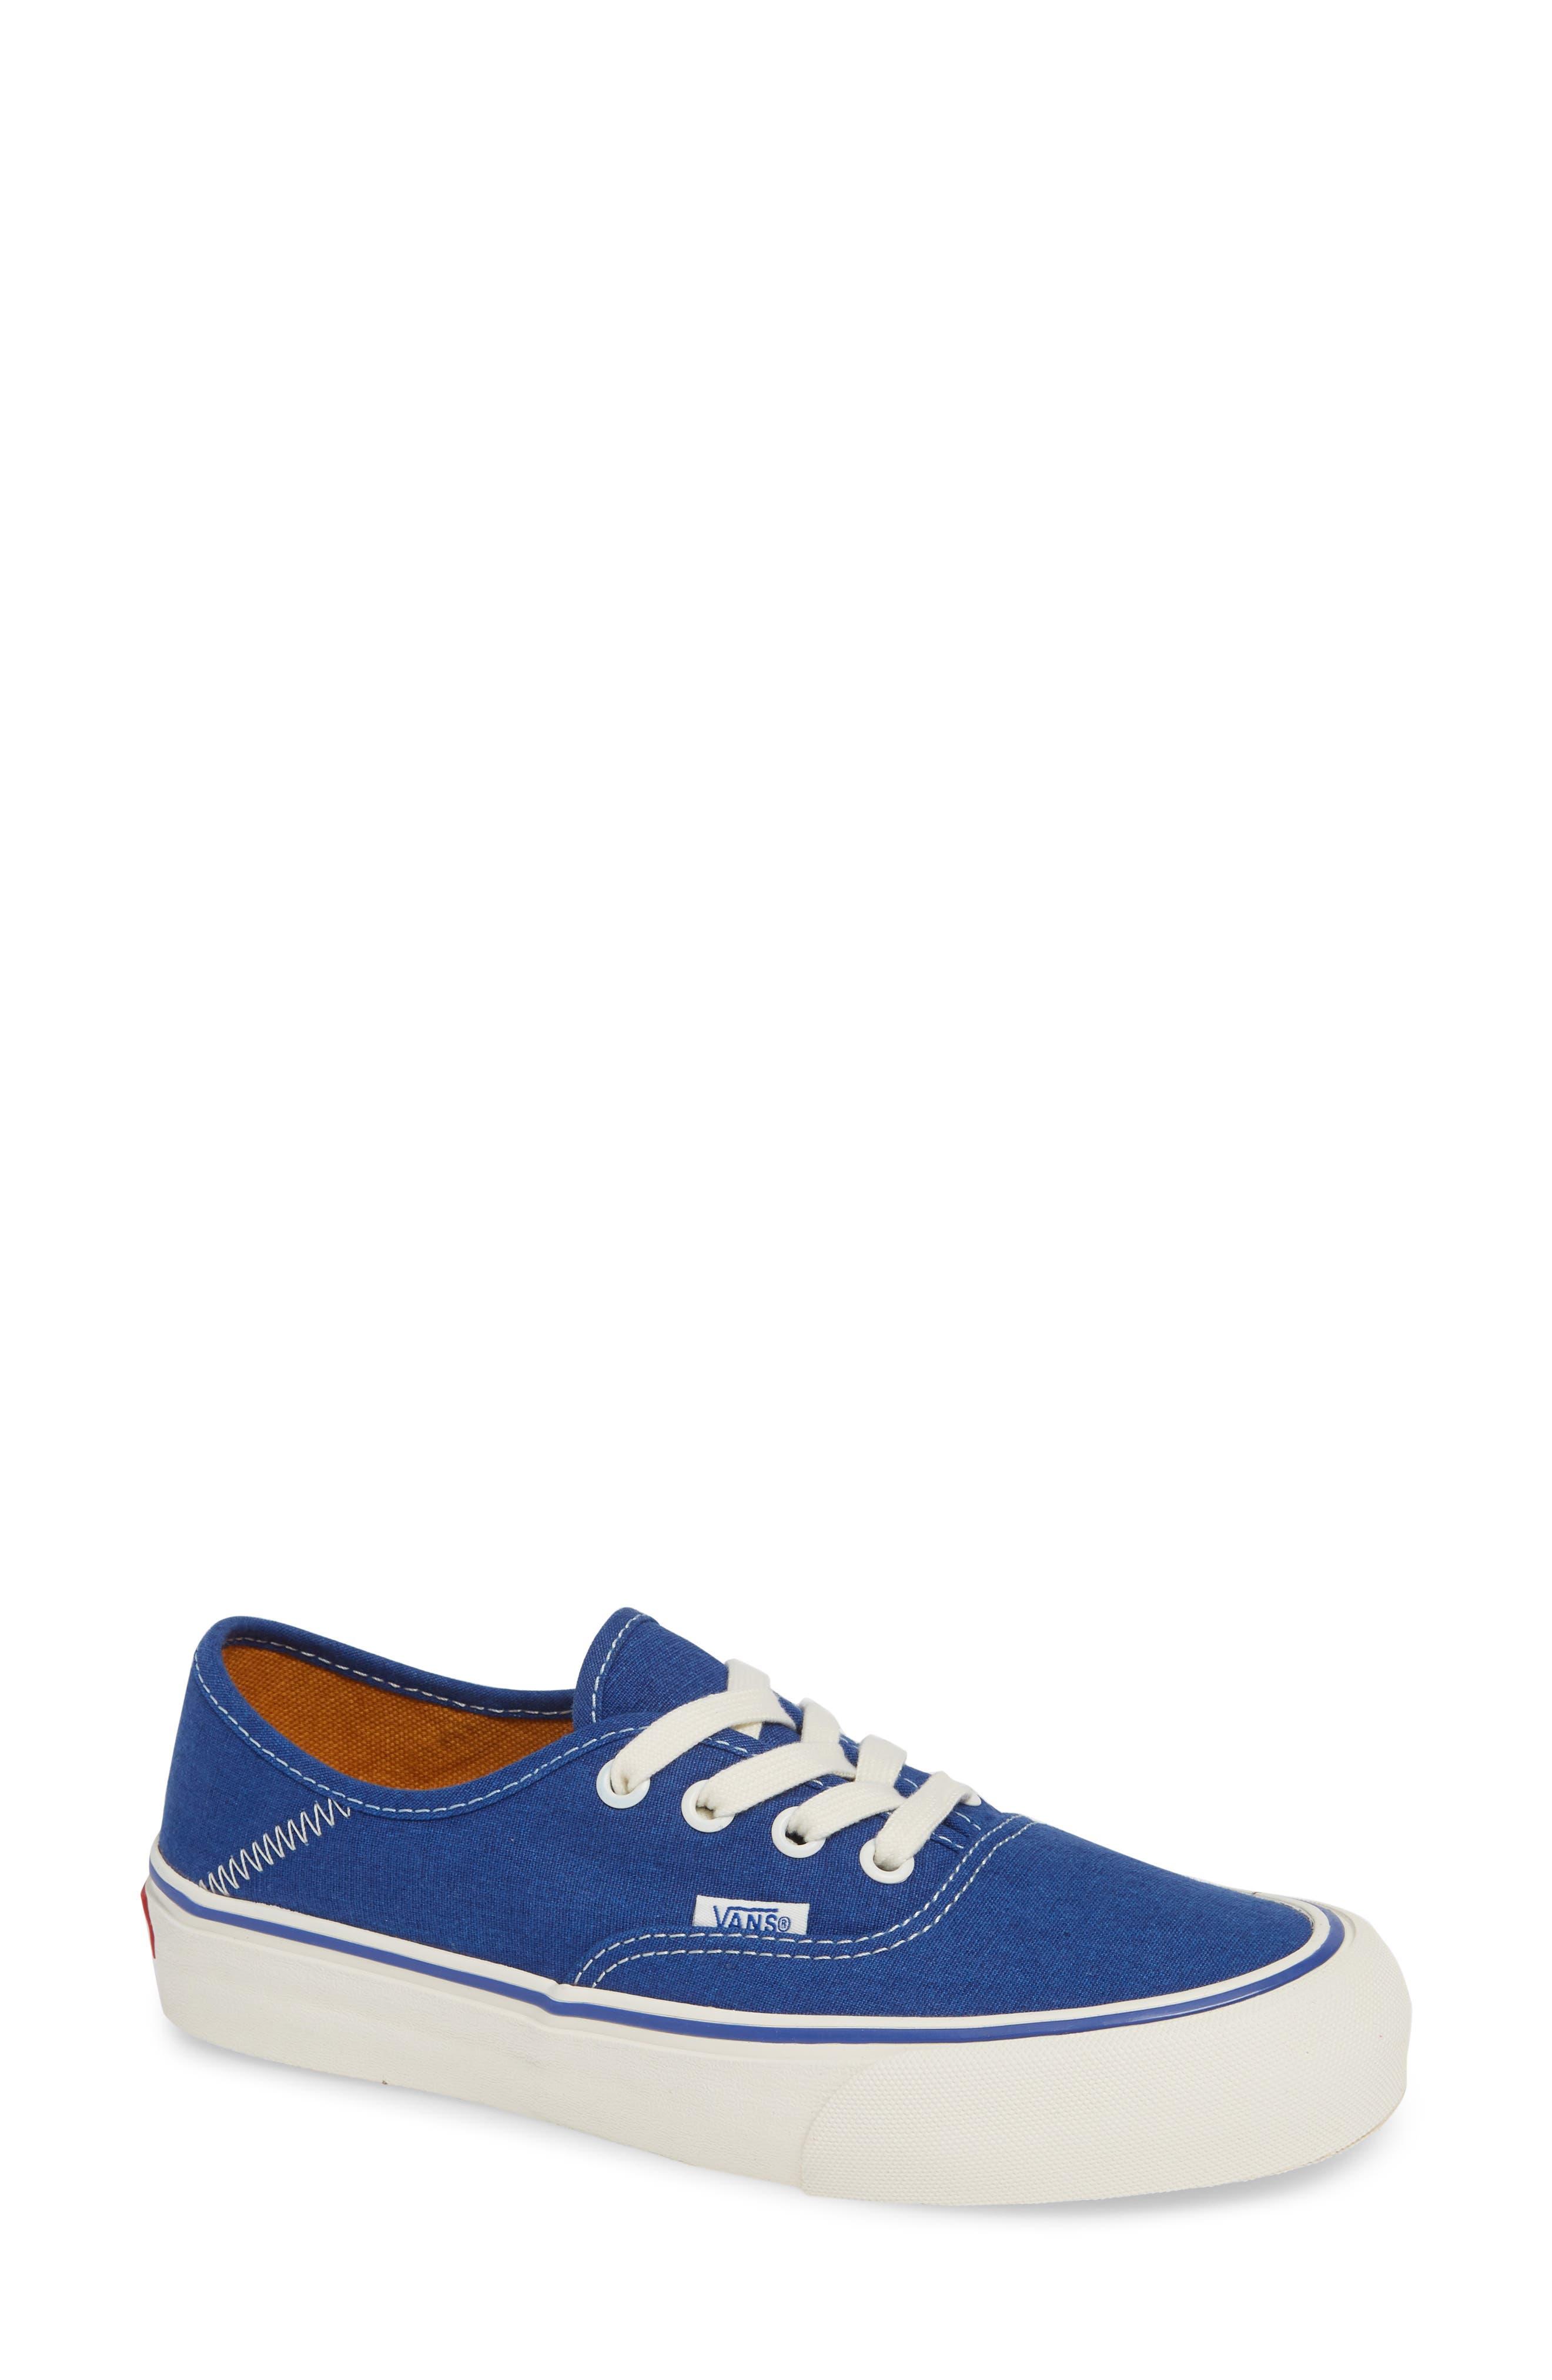 VANS,                             UA Authentic Sneaker,                             Main thumbnail 1, color,                             420